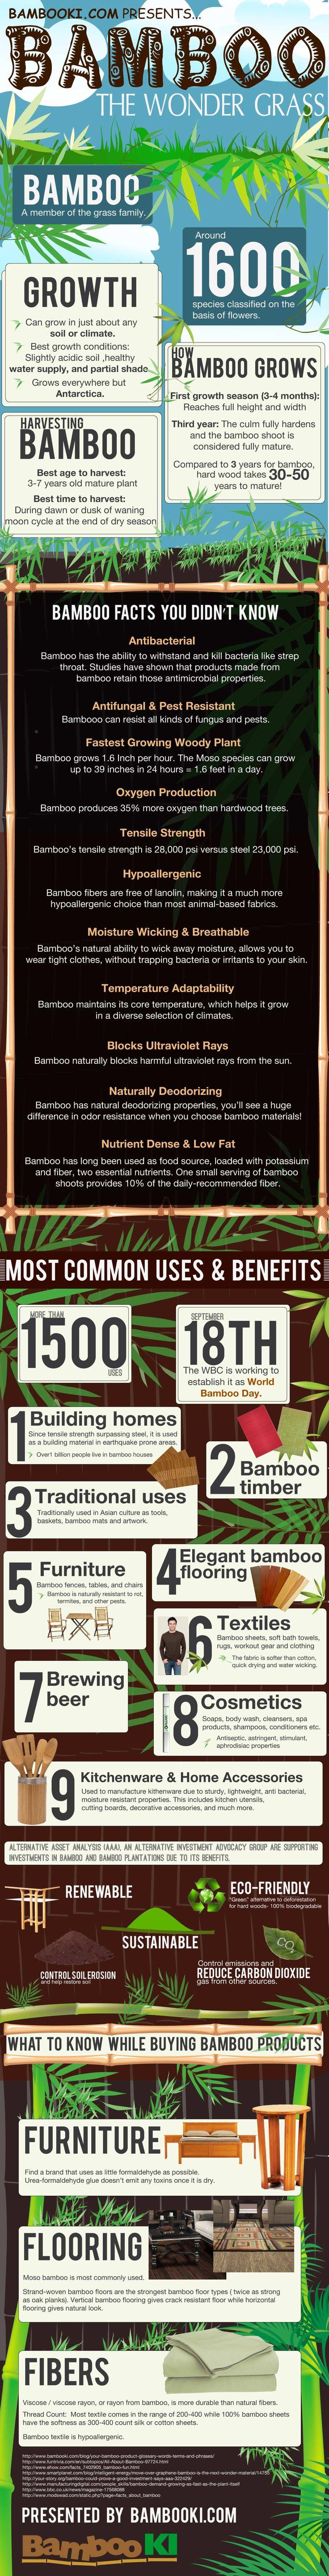 Bamboo: The Wonder Grass